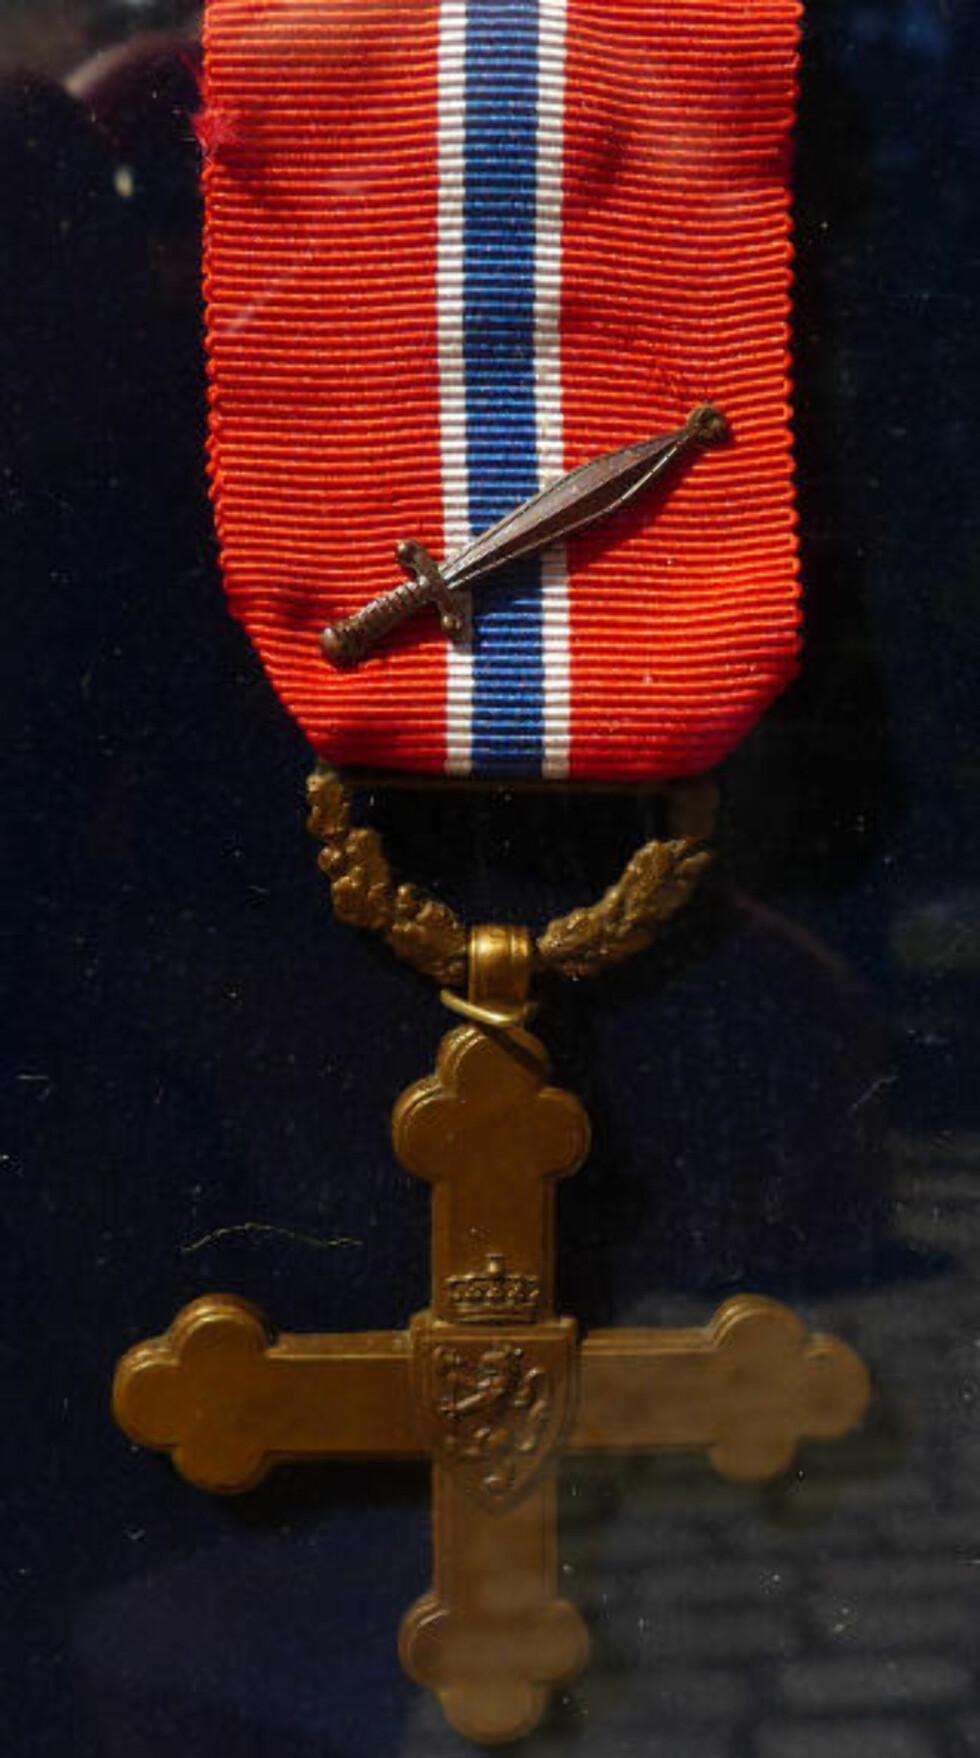 KRIGSKORSET MED SVERD: Totalt er 280 medaljer utdelt. Av disse gikk mange til utlendinger av diplomatiske årsaker. Bare 147 nordmenn er tildelt Krigskorset. De fleste for spesiell tjeneste. Bare sju personer i Hæren utenom spesialtjeneste er tildelt Krigskorset. Av disse bare fem for innsats under felttoget i Norge i 1940. I statuttene for tildeling av Krigskorset heter det at det skal være personlig tapperhet eller ledelse av avdeling eller fartøy i kamp som legges til grunn. Foto: Kristoffer Egeberg